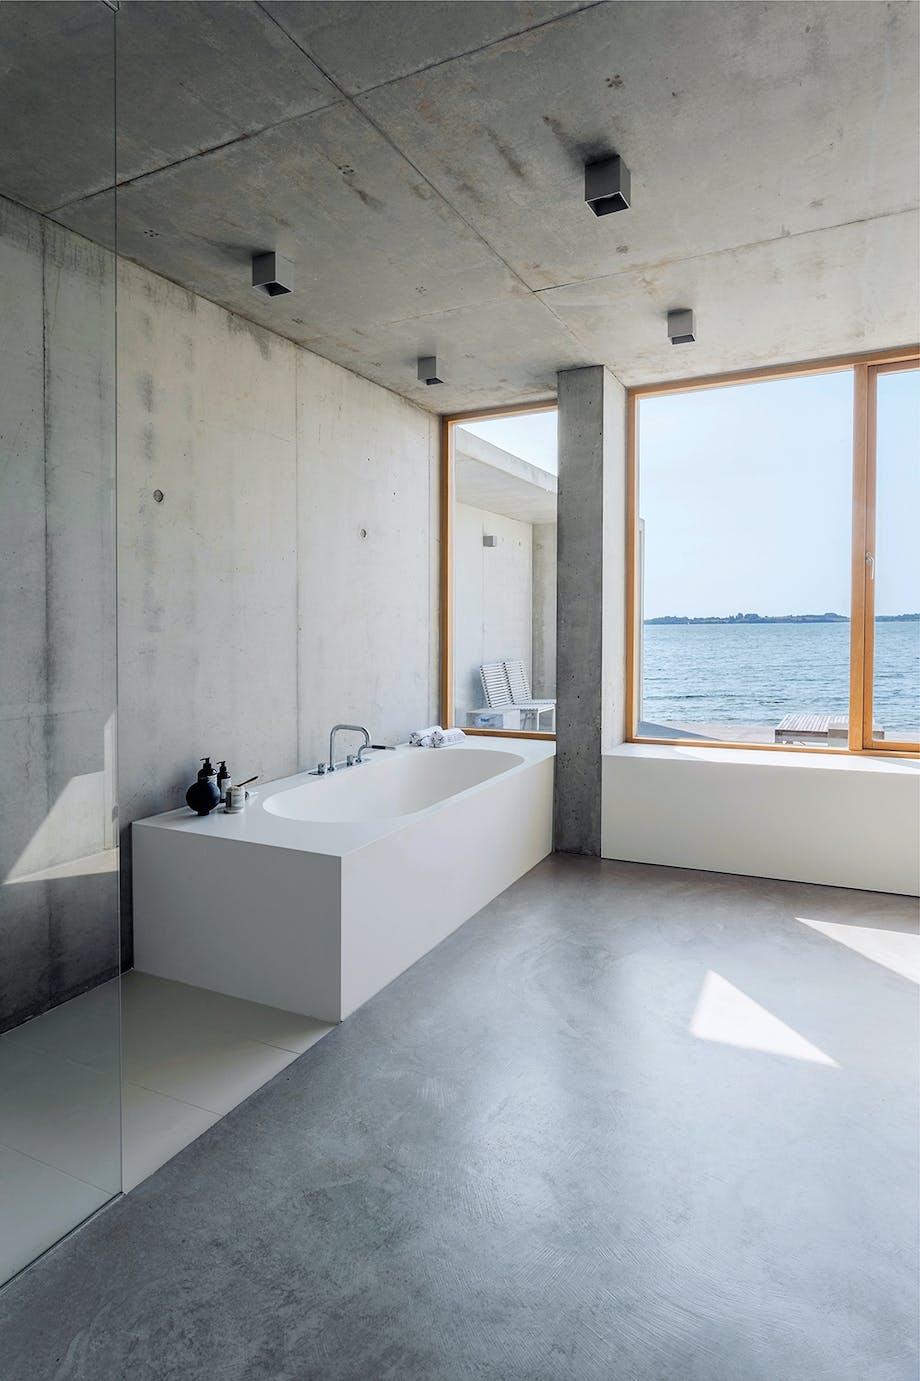 Badeværelse badekar beton Flensborg Fjord minimalistisk